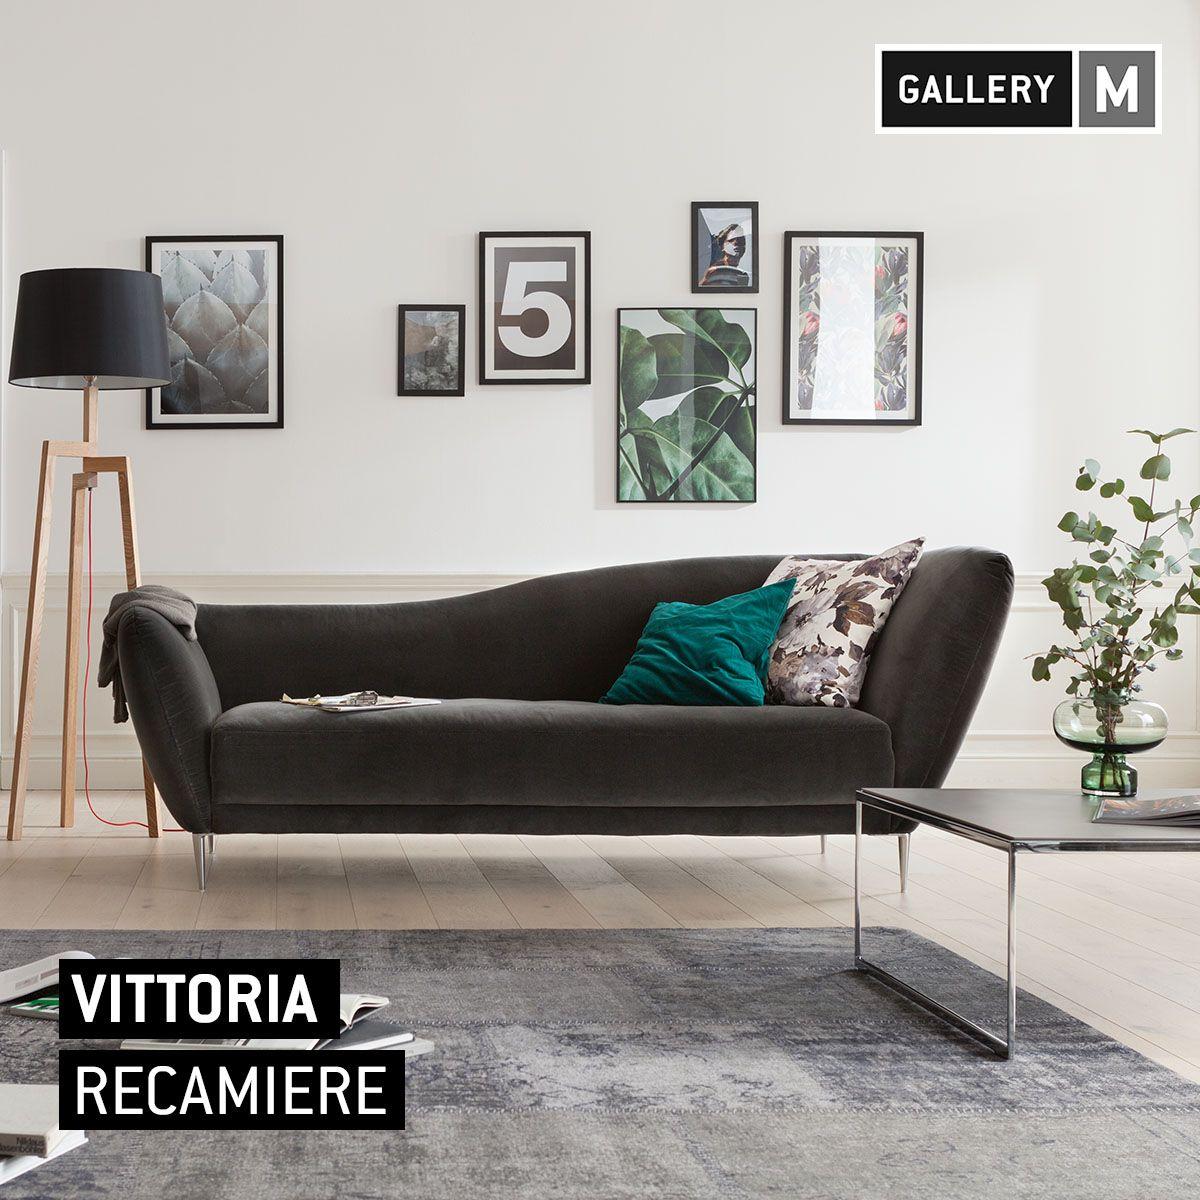 Recamiere VITTORIA